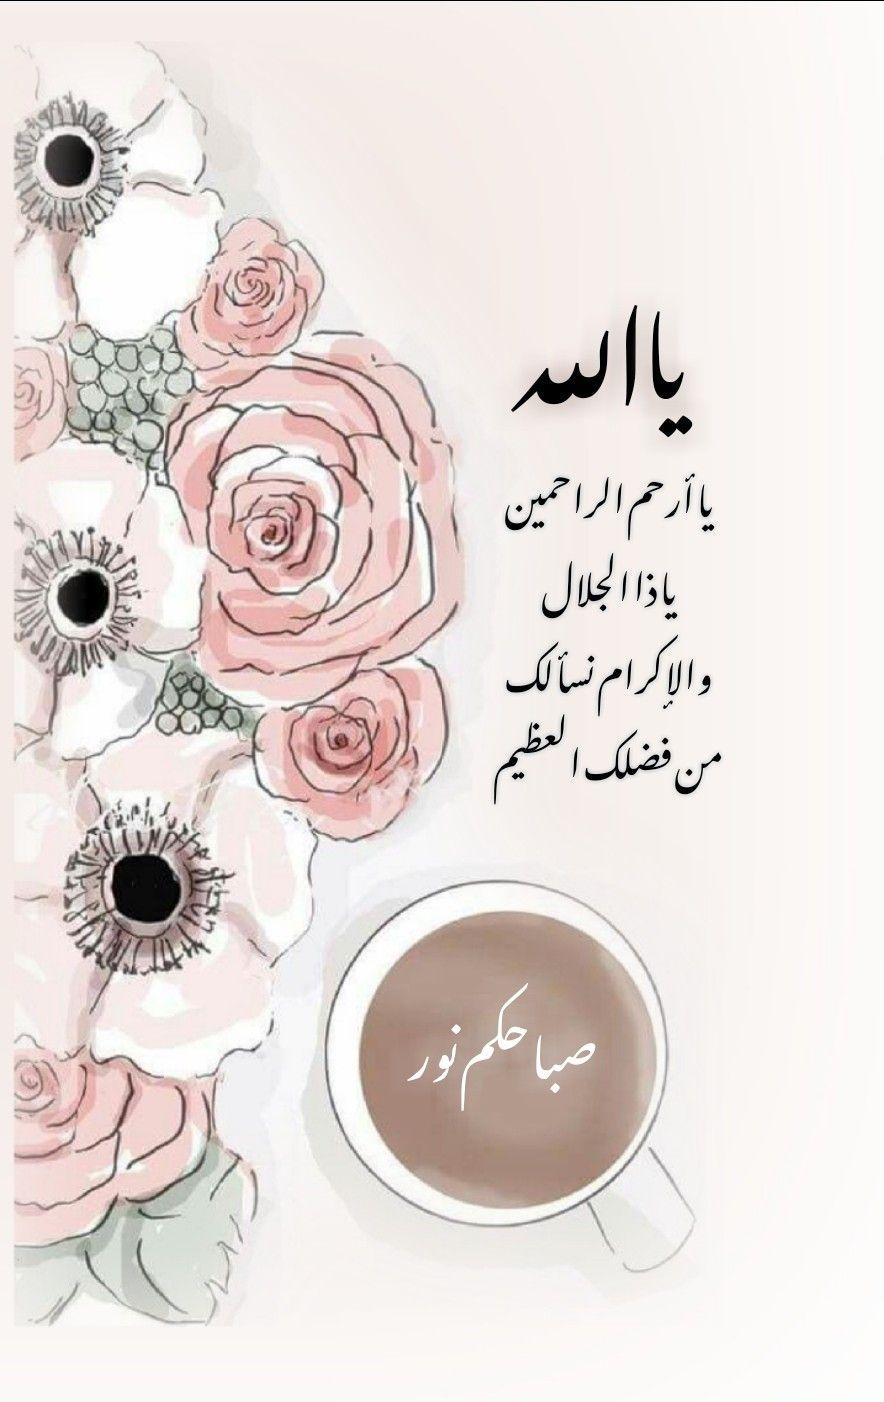 يا الله ياأرحم الراحمين ياذا الجلال والإكرام نسألك من فضلك العظيم صباحكم نور Morning Wish Arabic Love Quotes Good Morning